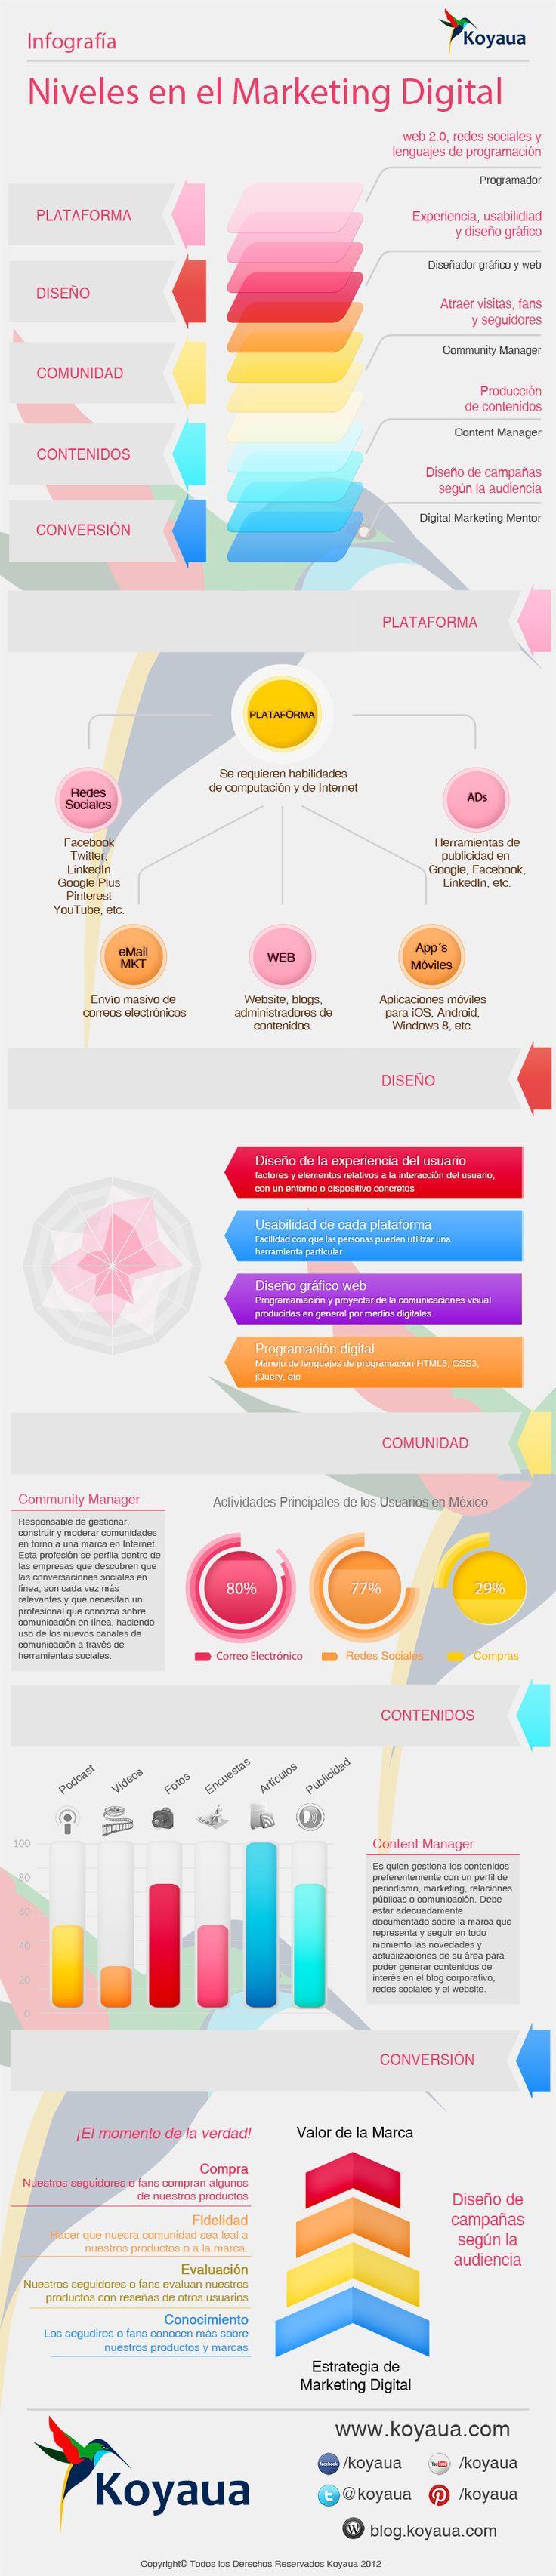 Los 5 niveles del marketing online #infografia#infographic #socialmedia | TICs y Formación